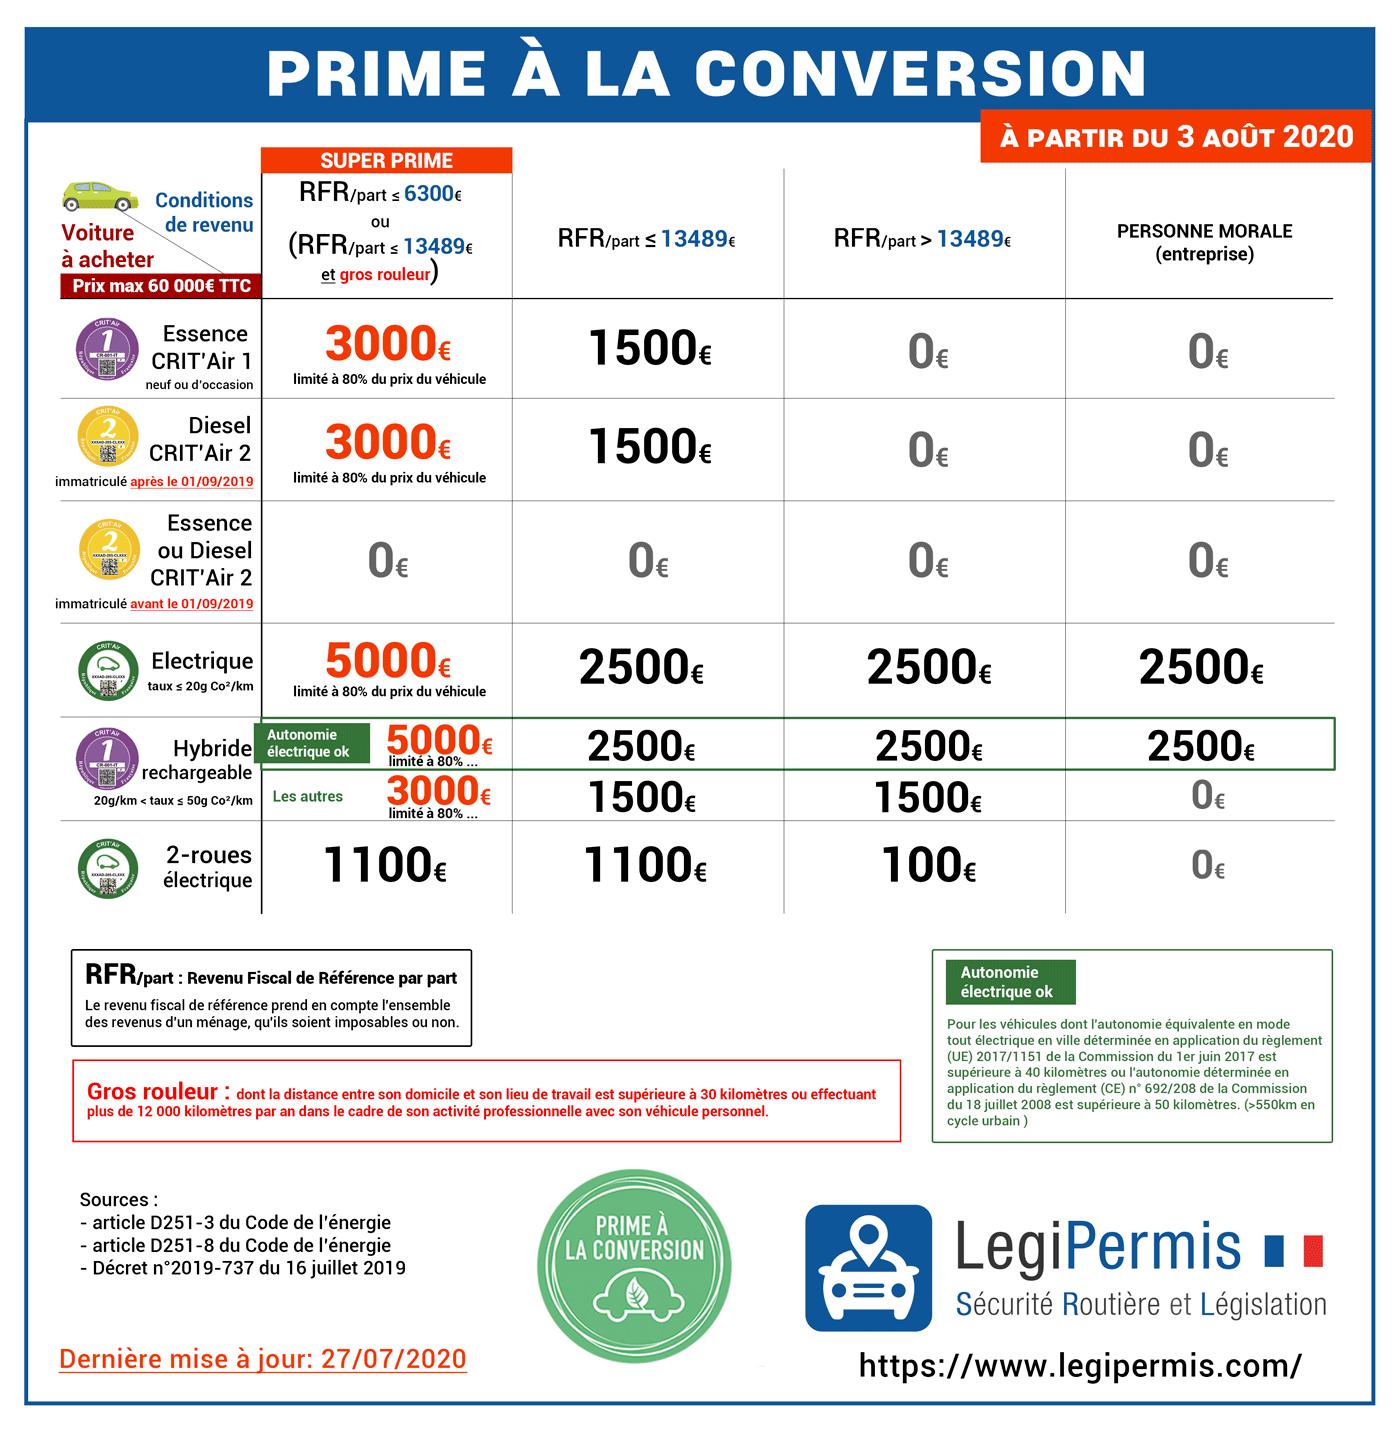 Prime à la conversion à partir du lundi 3 août 2020